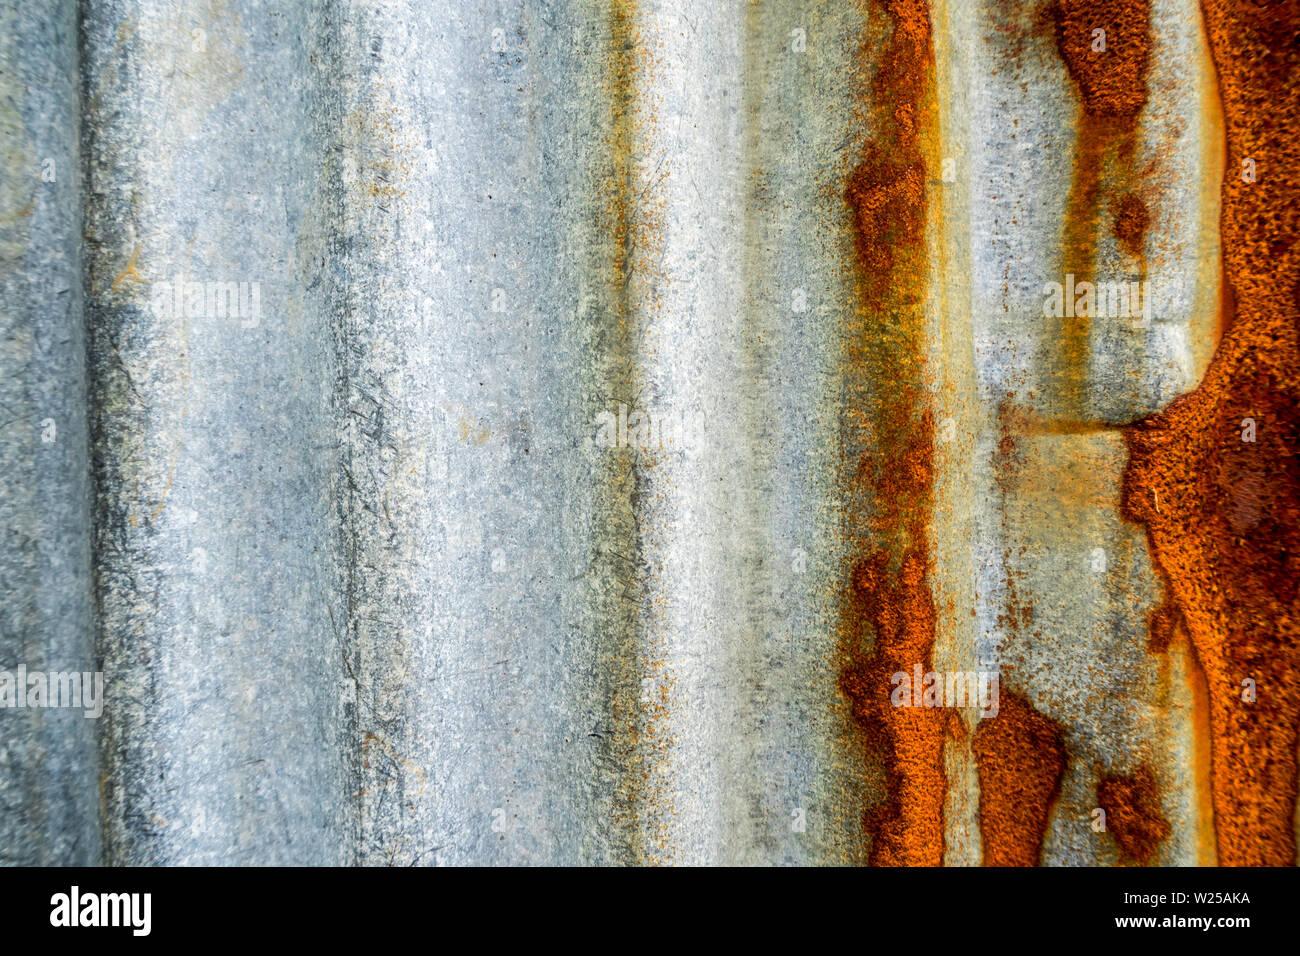 Gut gemocht Eisenflecken Stockfotos & Eisenflecken Bilder - Alamy RE37